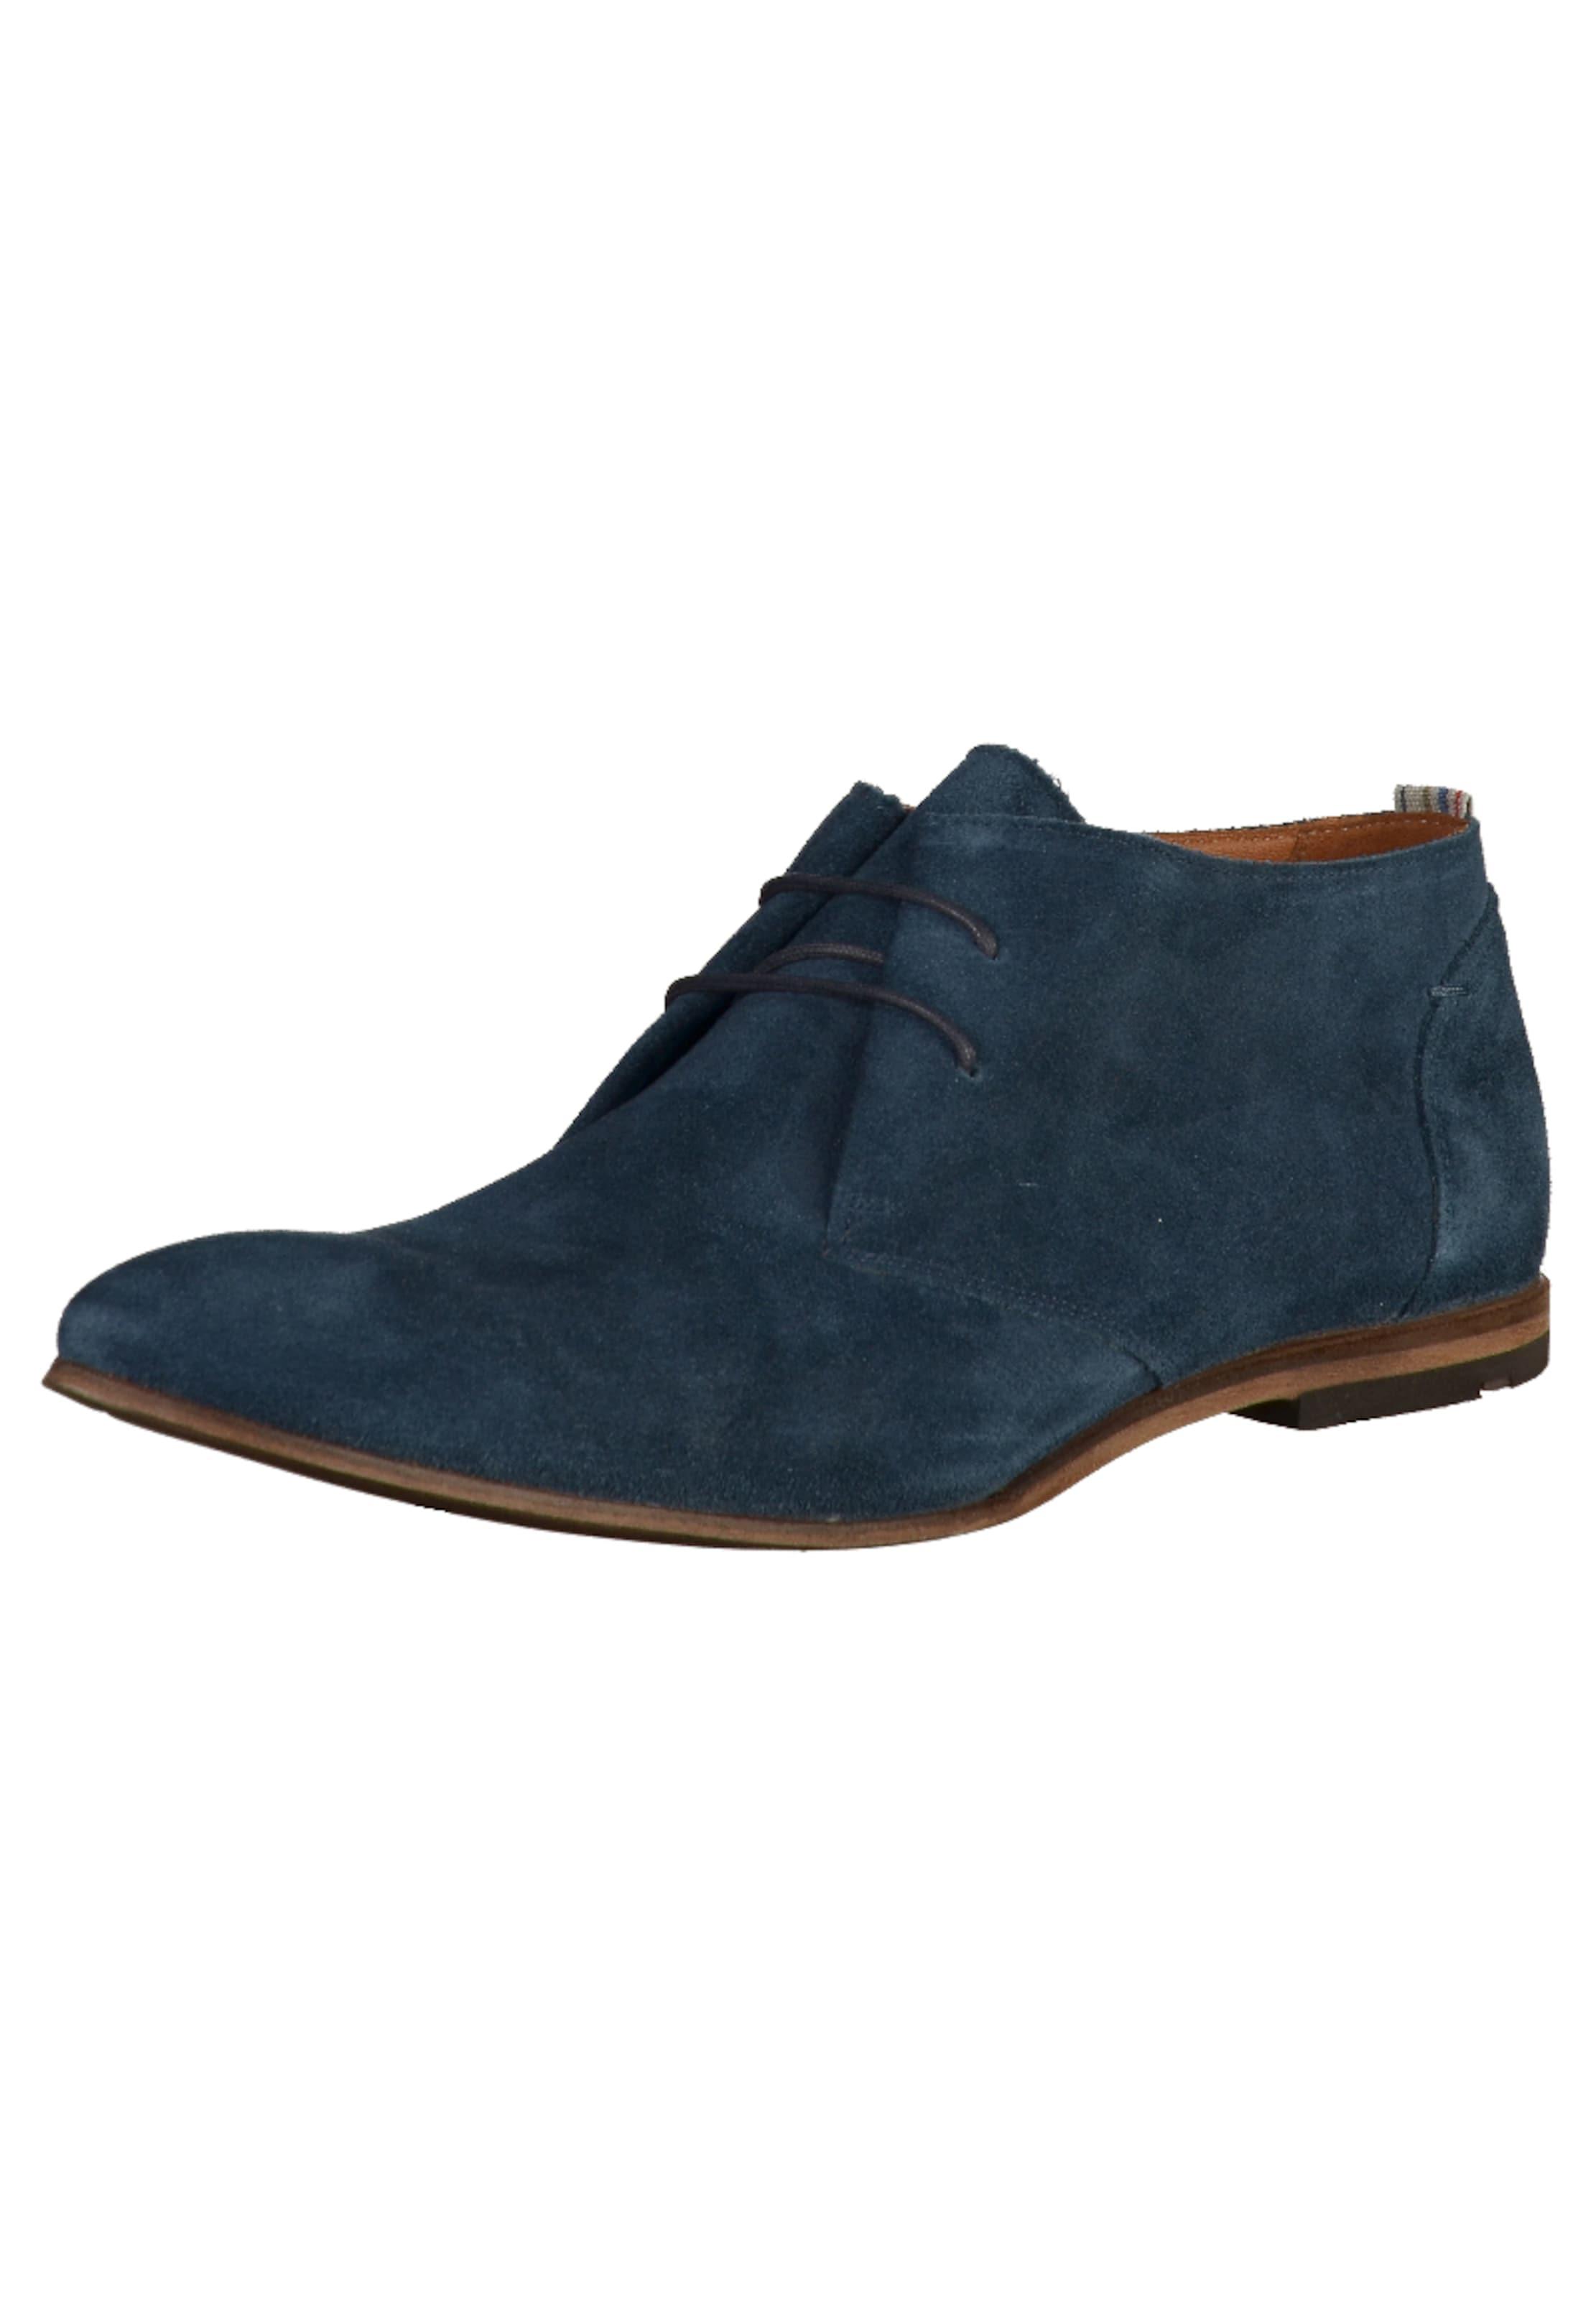 LLOYD Halbschuhe Günstige und langlebige Schuhe